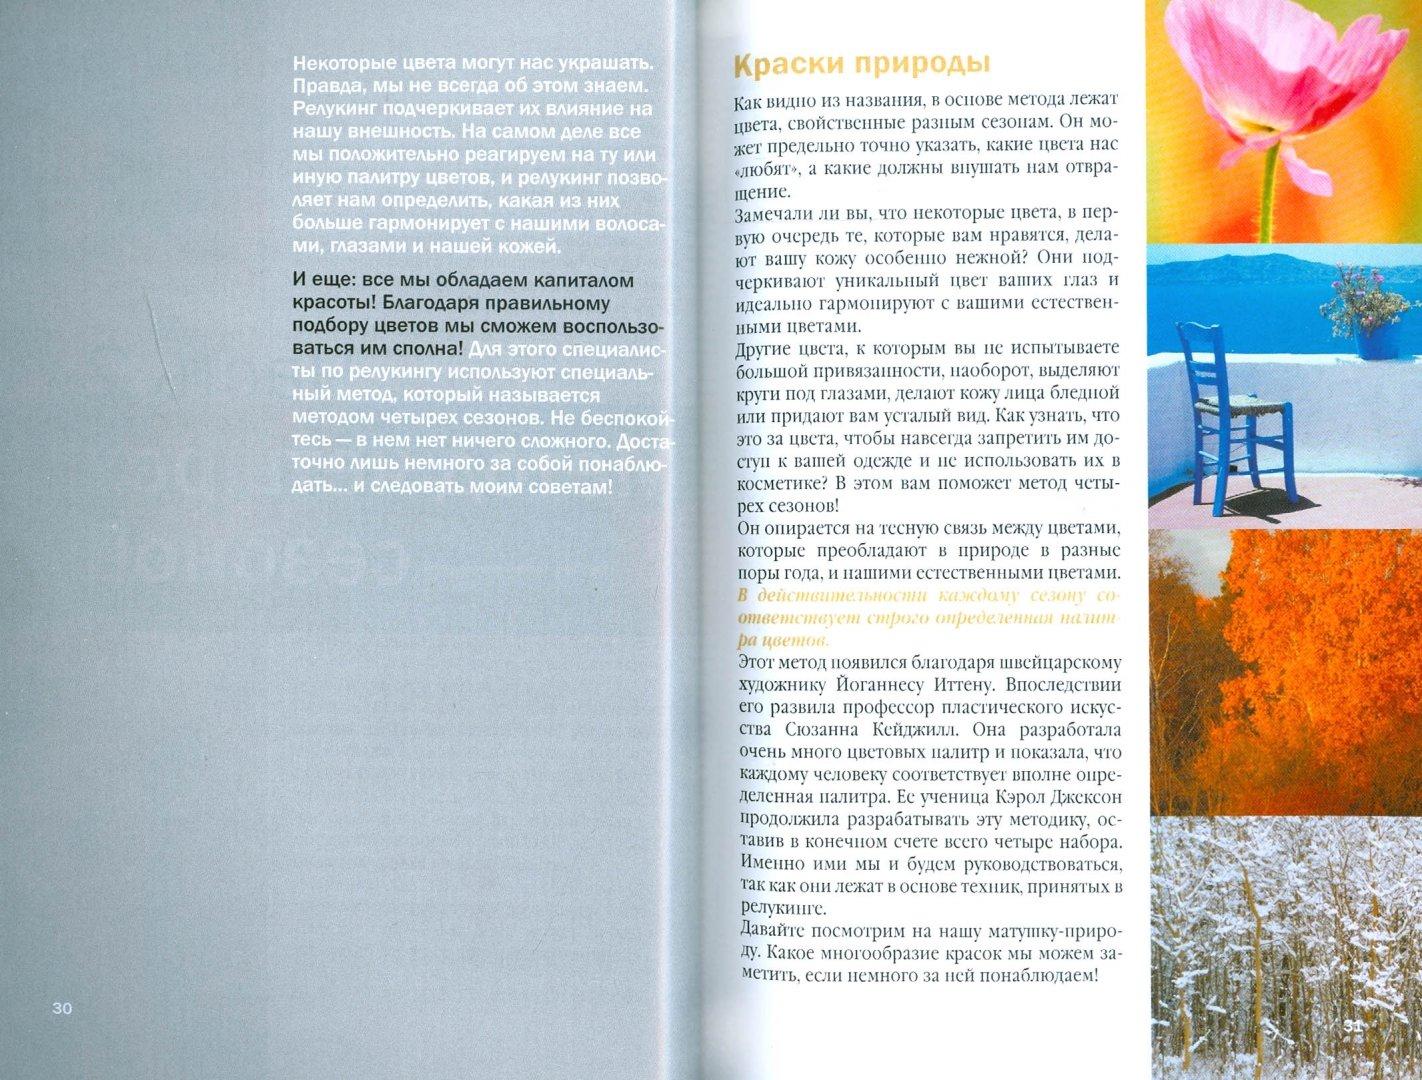 Иллюстрация 1 из 9 для Твой инструктор по стилю - Герен, Герен   Лабиринт - книги. Источник: Лабиринт